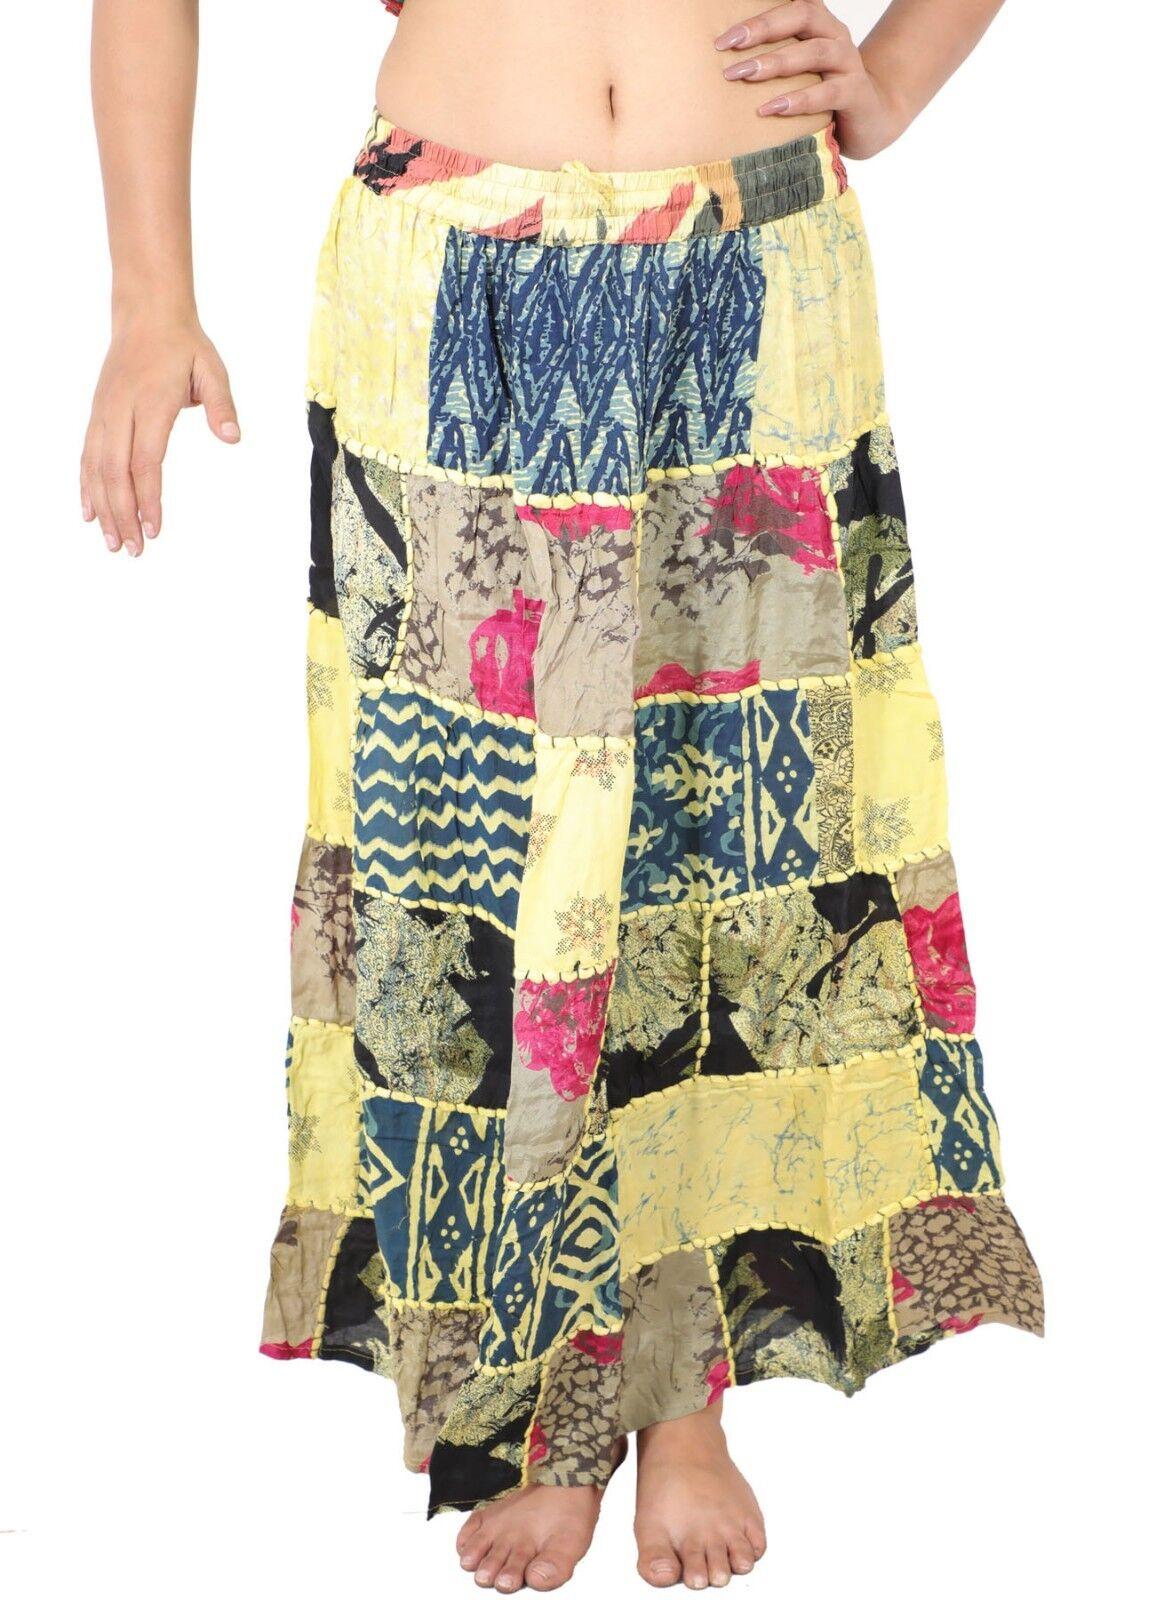 Le donne di boho coprono la gonna di toppa delle donne gujarati 5Pcs all'ingross